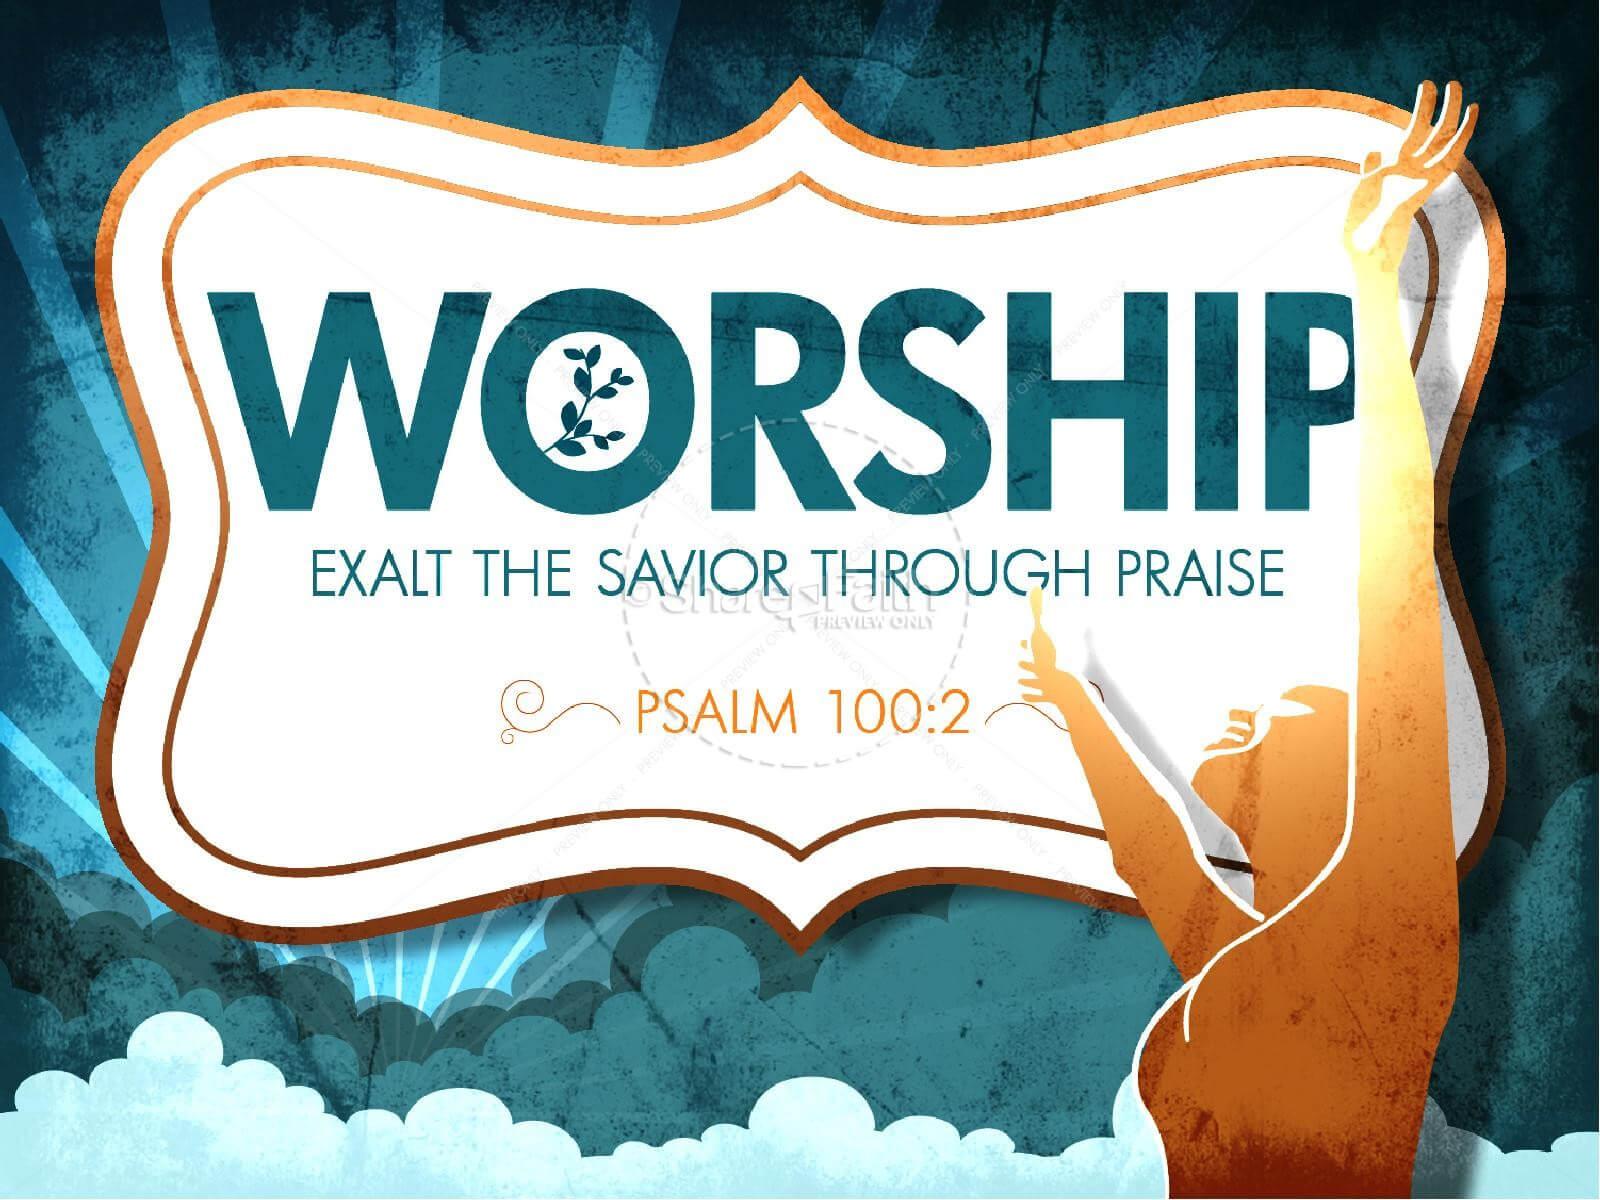 Sharefaith: Church Websites, Church Graphics, Sunday School With Praise And Worship Powerpoint Templates